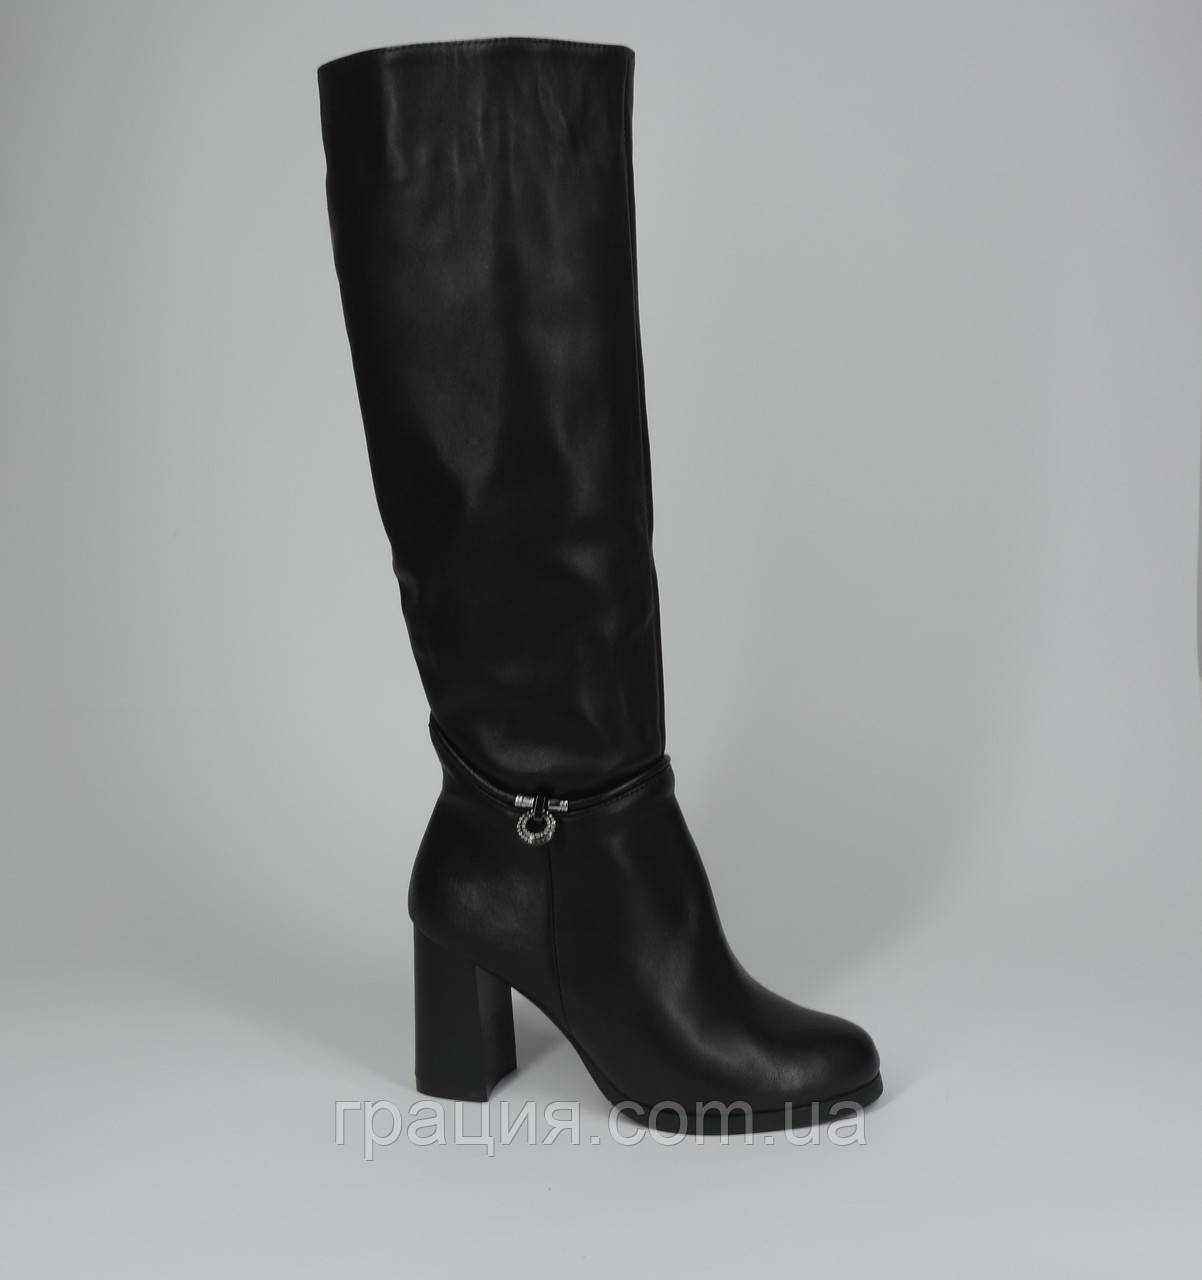 Елегантні жіночі шкіряні зимові чобітки на підборах